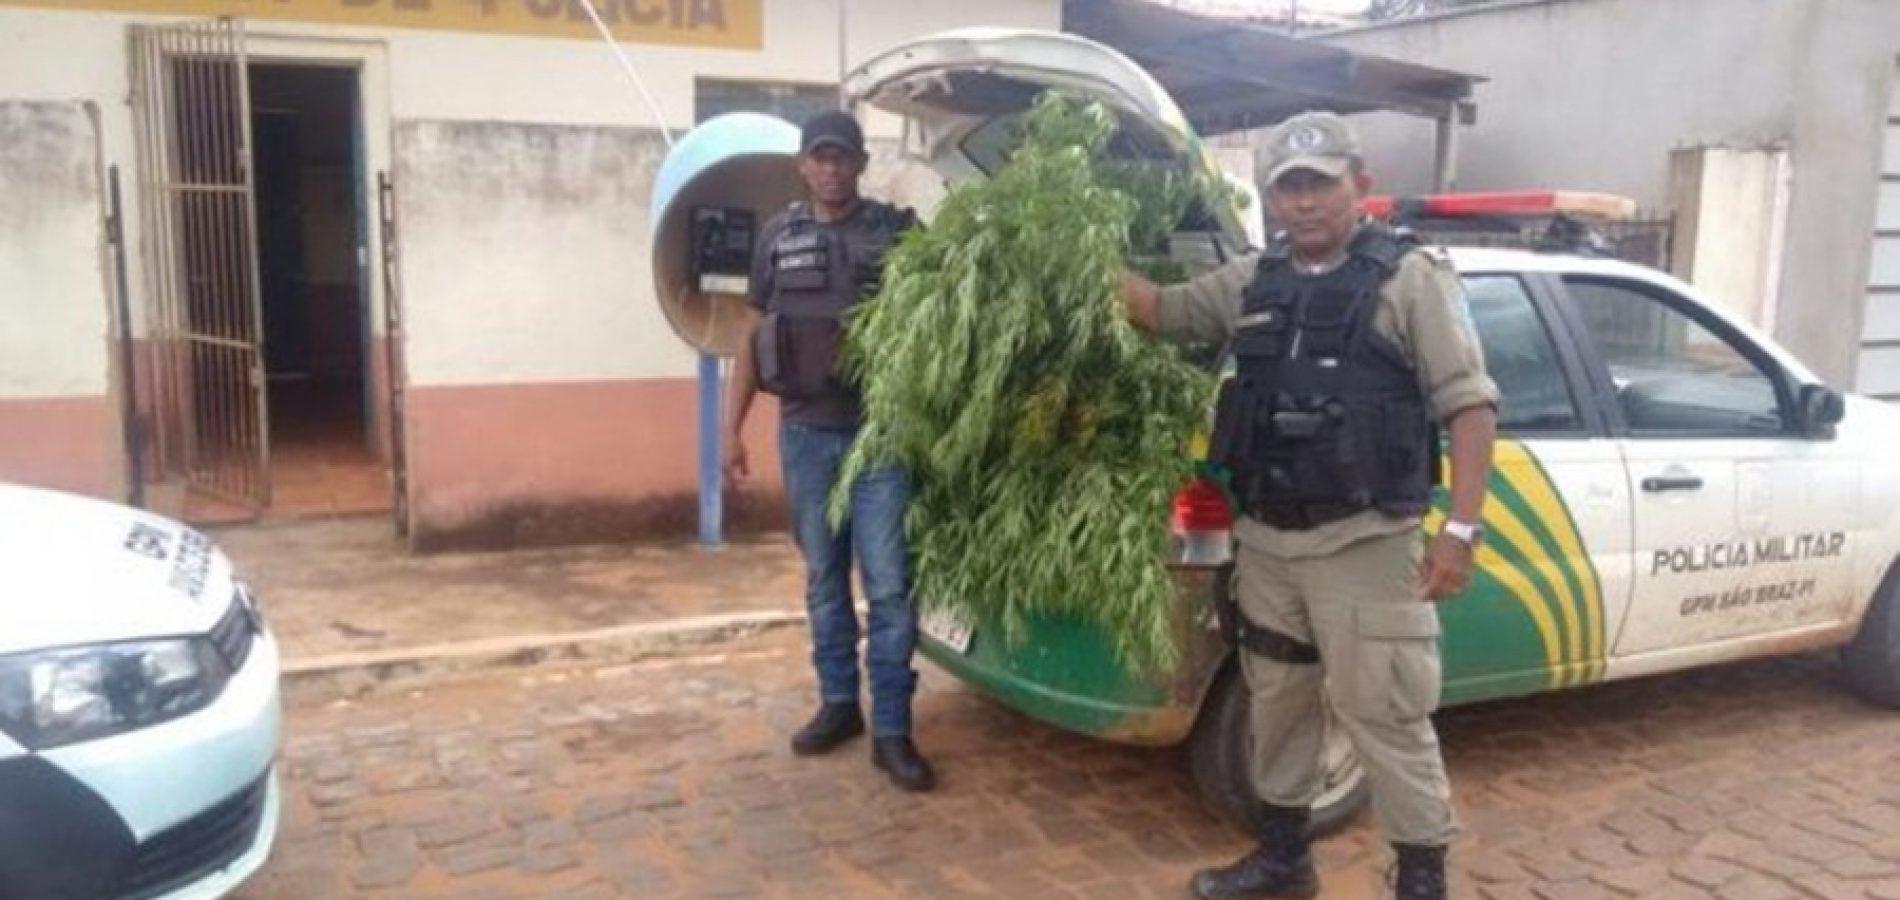 Agricultor preso com plantação de maconha no interior do Piauí diz que erva era pra fazer chá